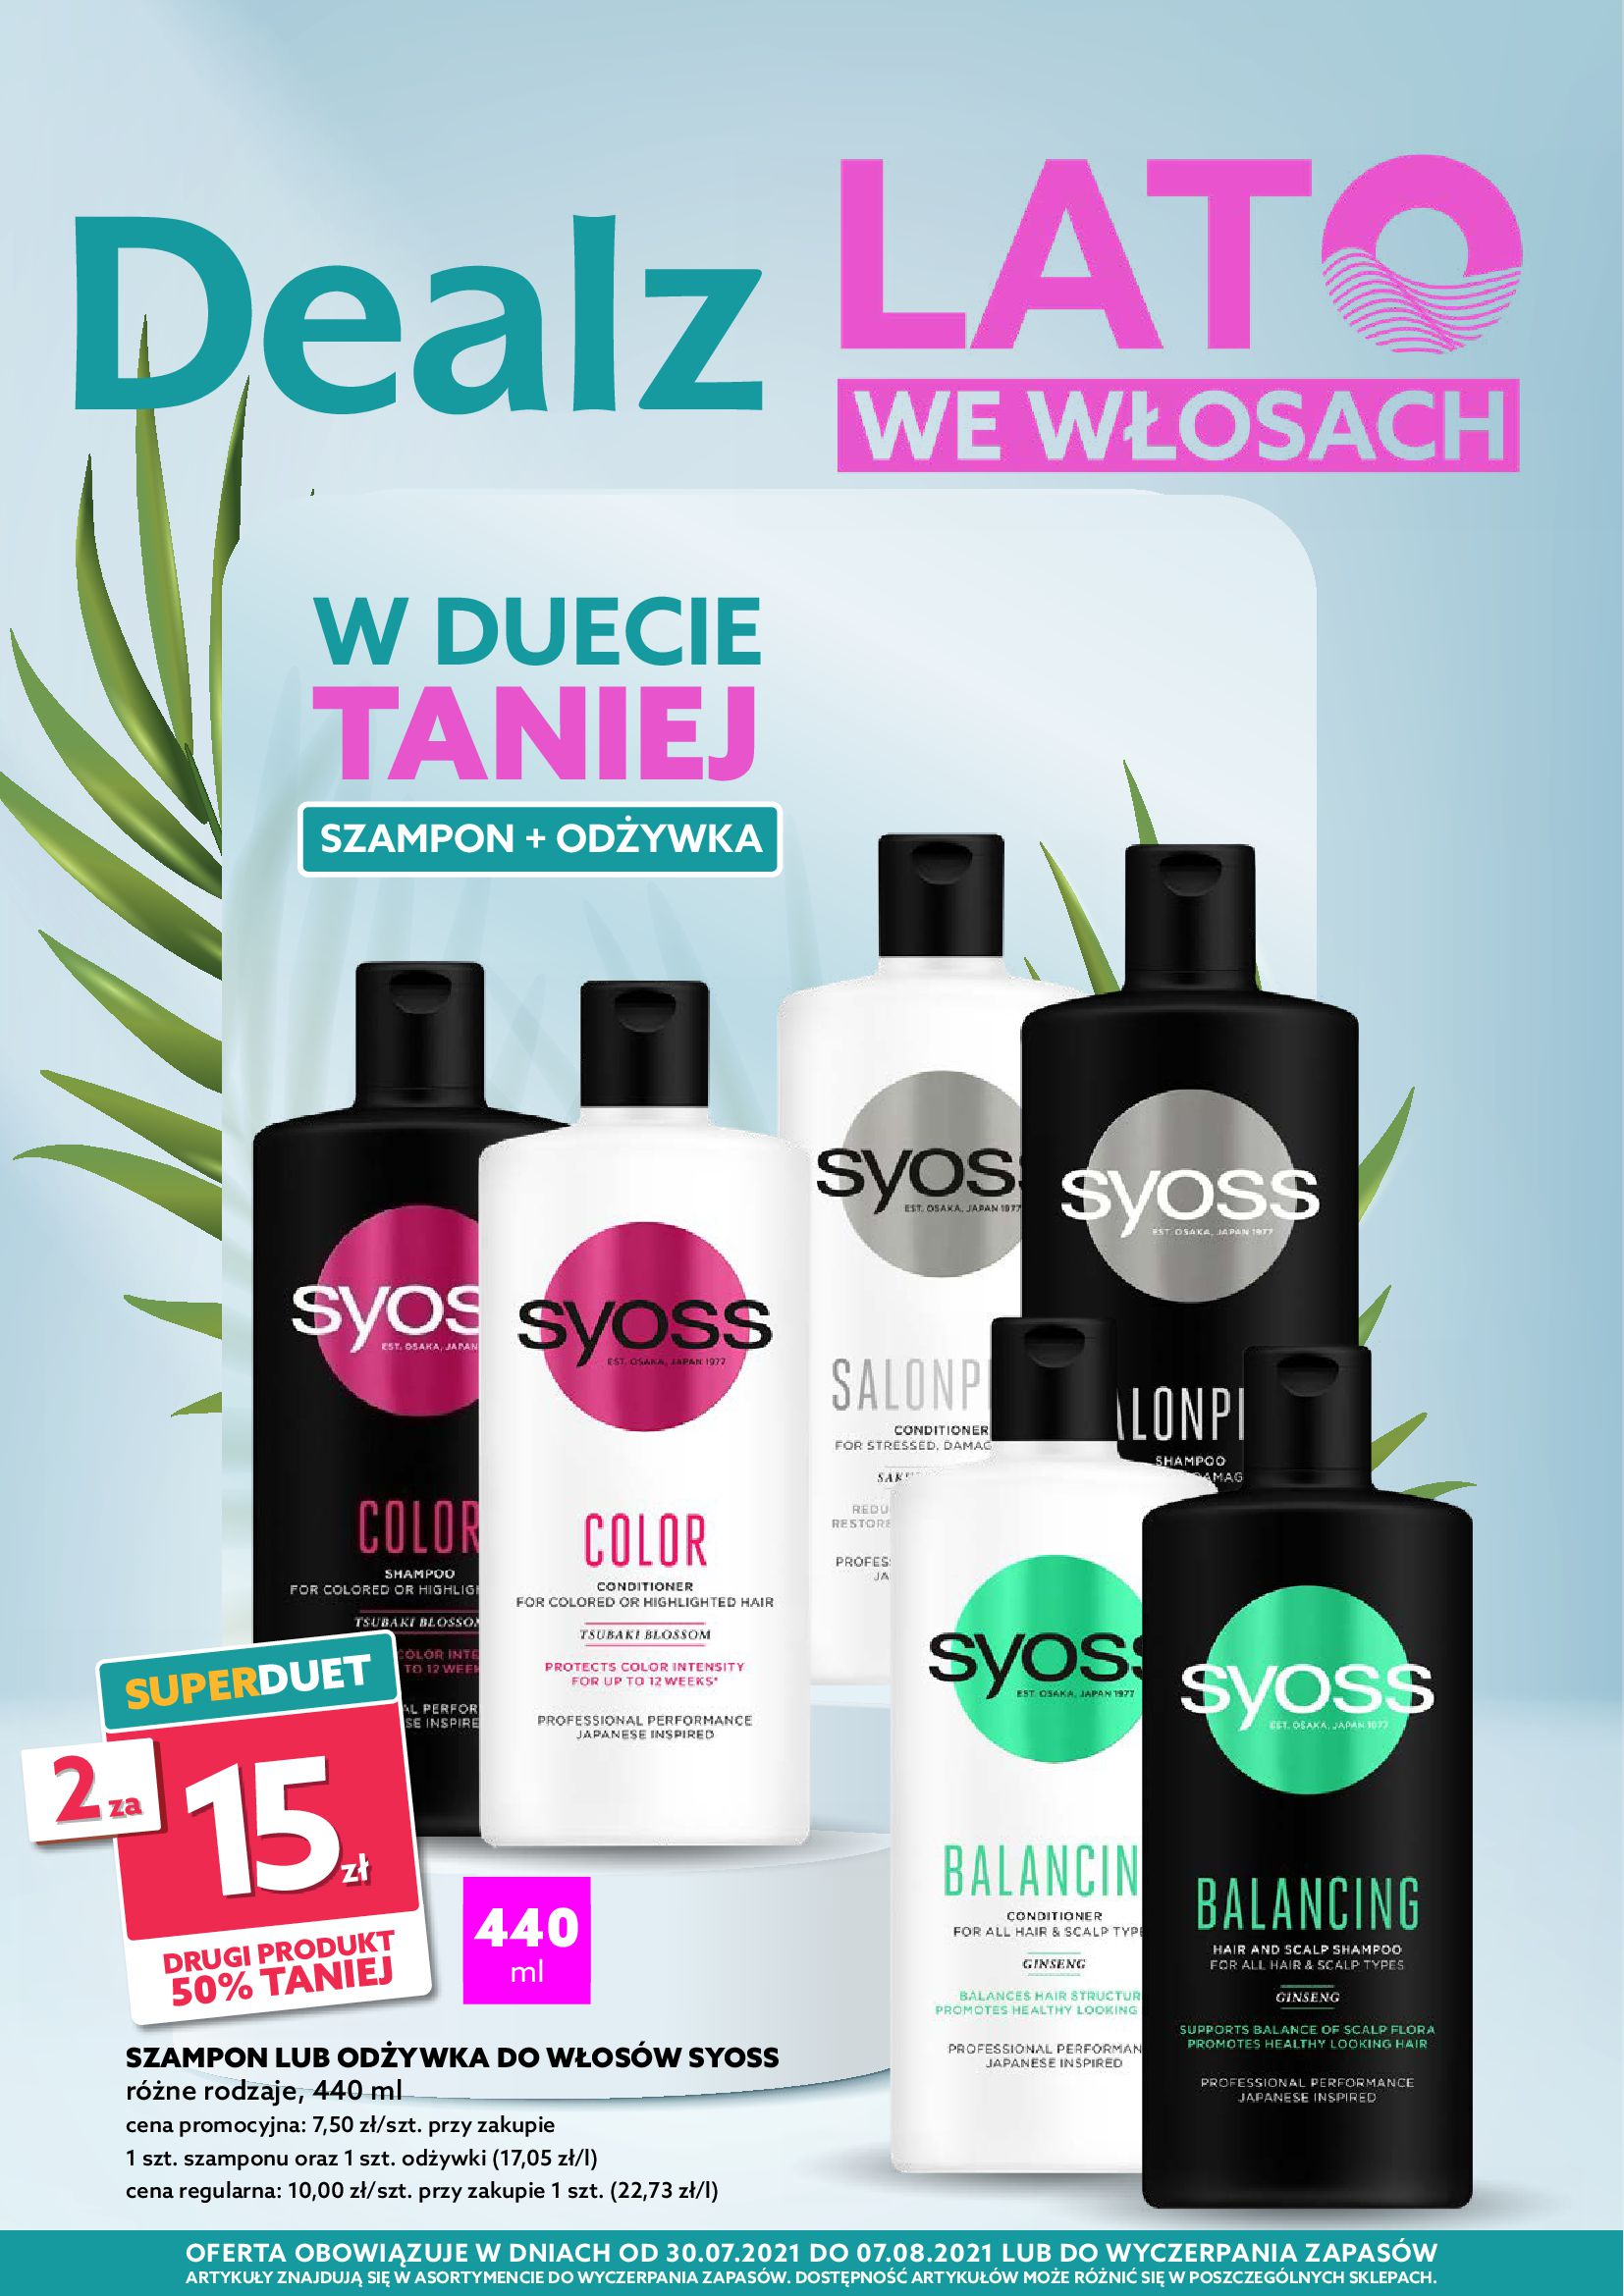 Dealz :  Gazetka Dealz - Lato we włosach 29.07.2021